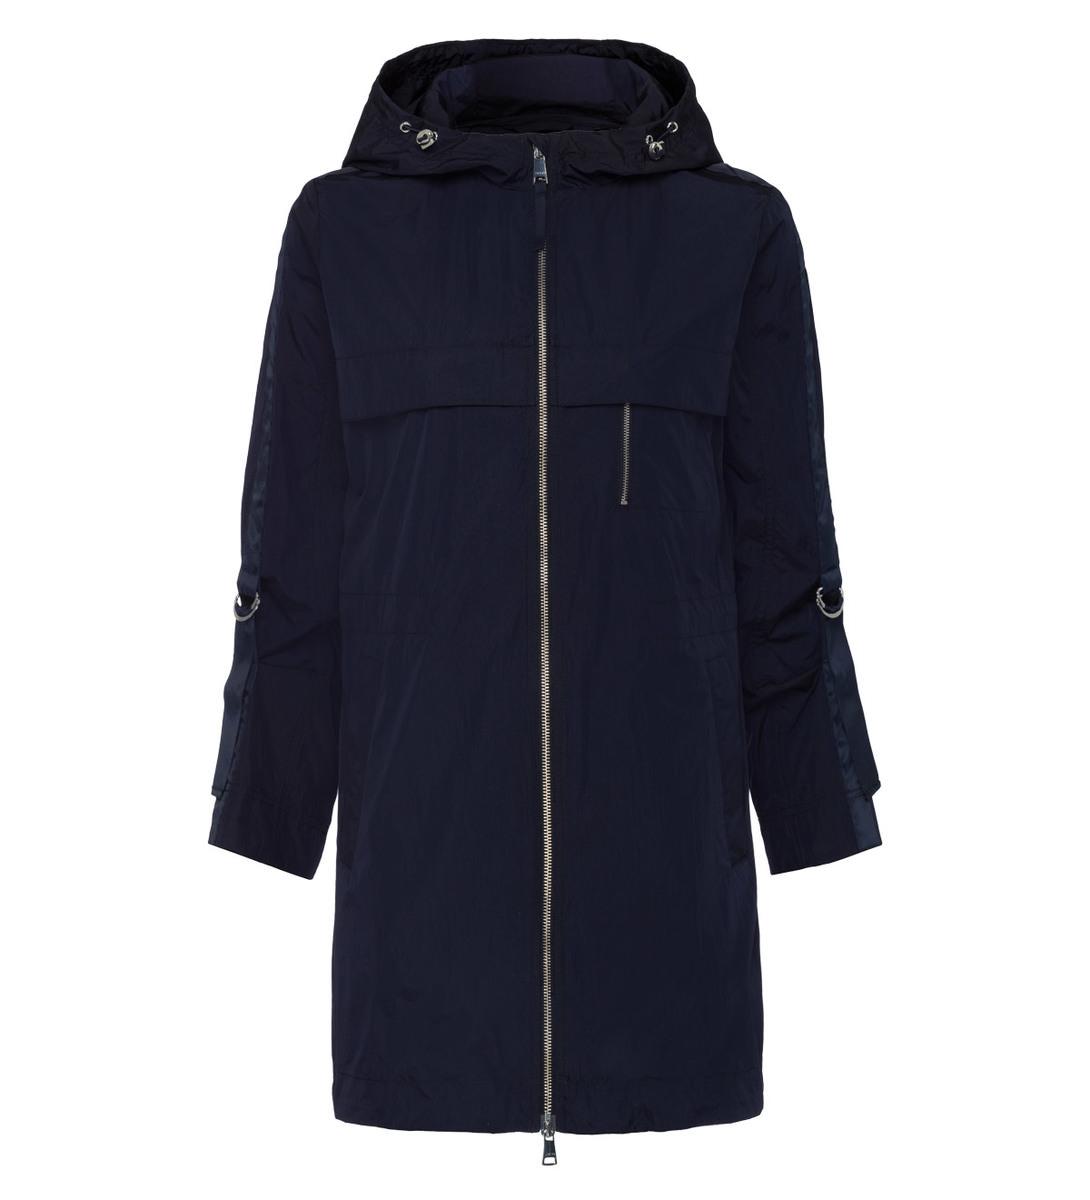 Jacke mit Armriegeln in blue black